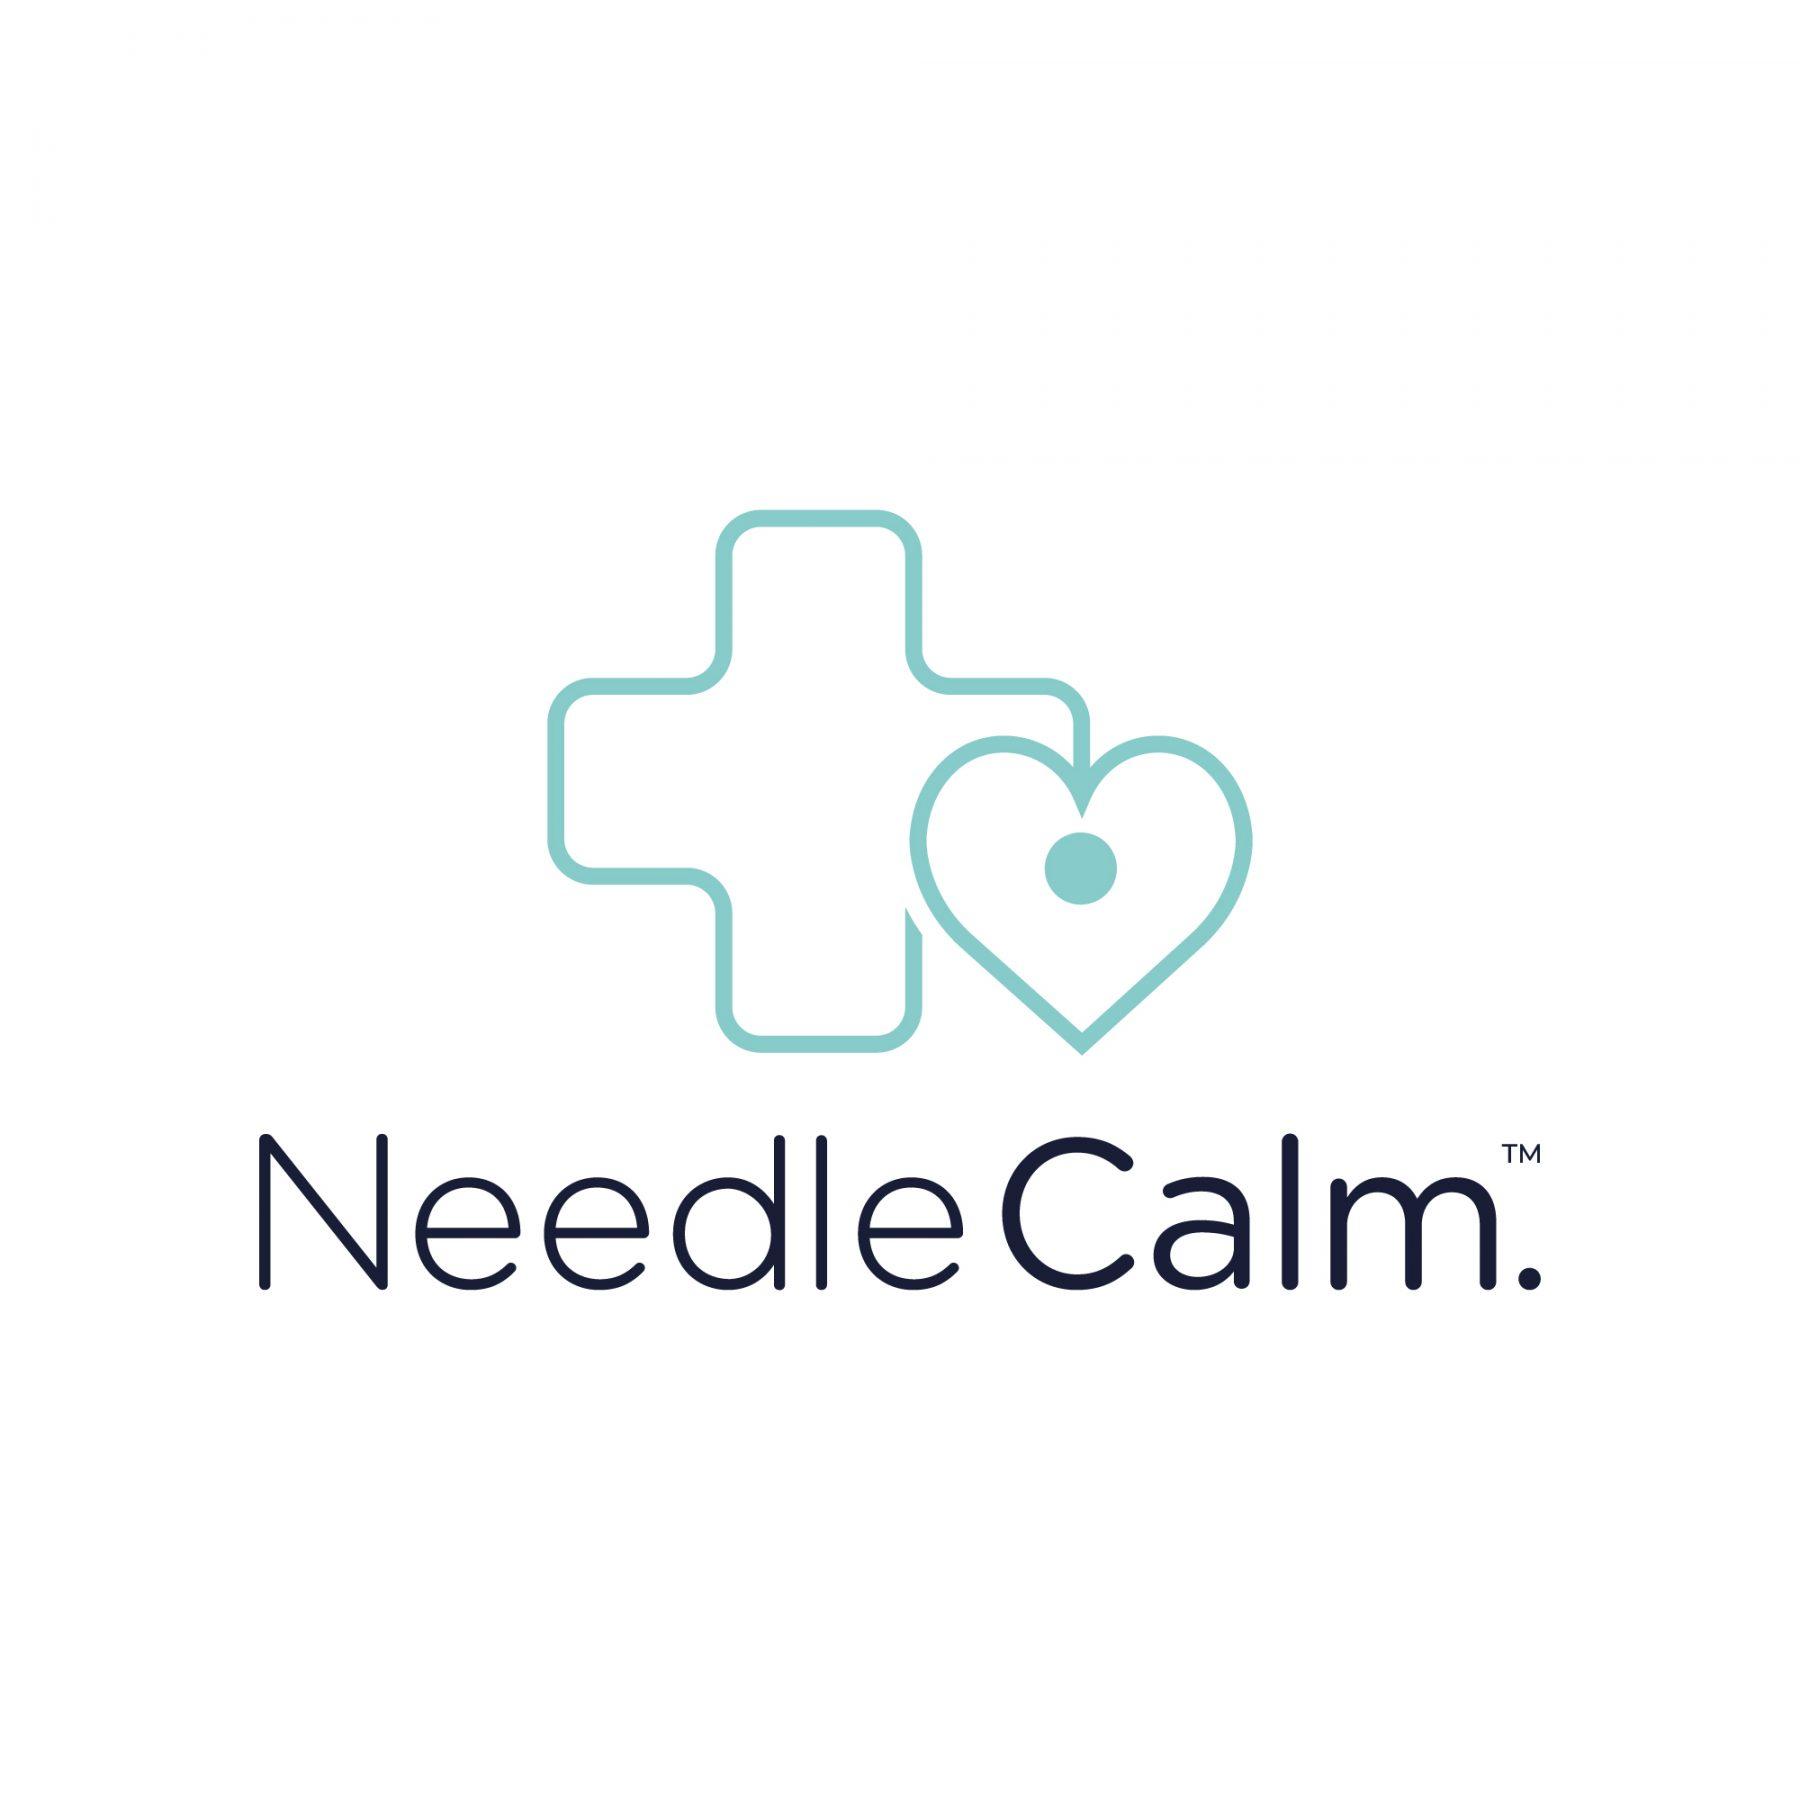 Needle Calm Pty Ltd